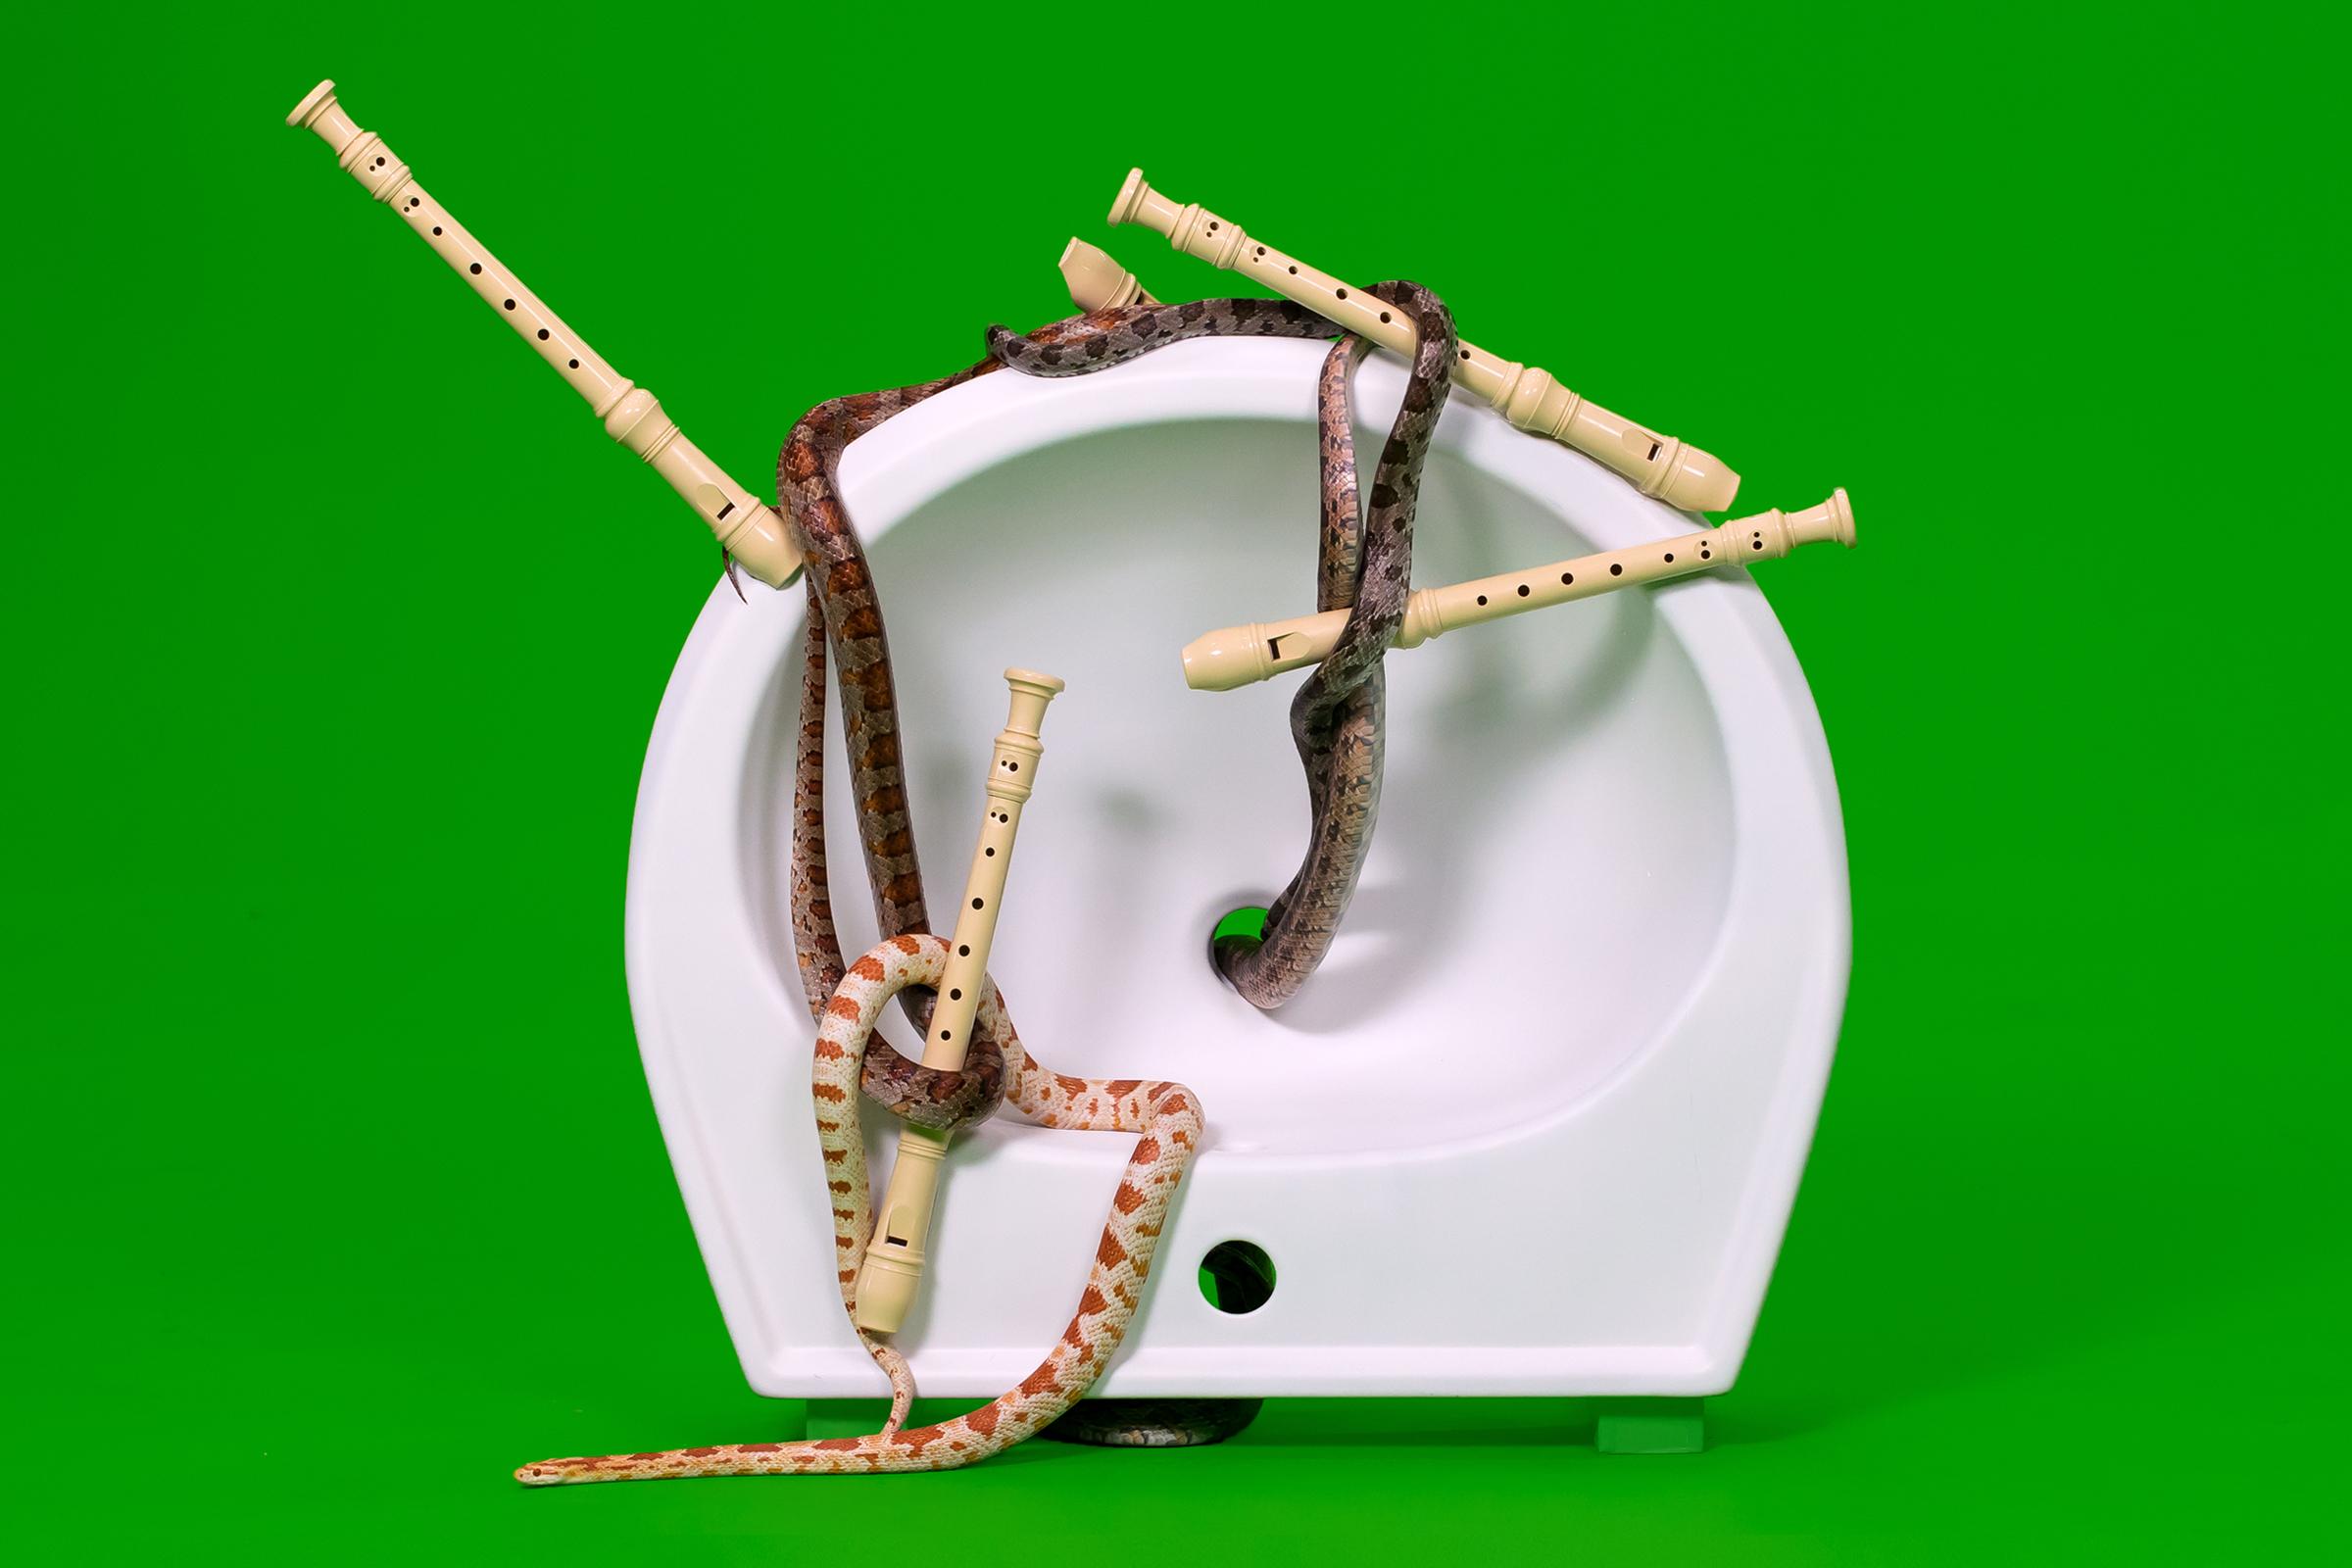 Пауль Барш и Тильман Хорниг. Sanitary Ceramics. Керамические раковины, смешанная техника. 2016 – наст. время. © Пауль Бар